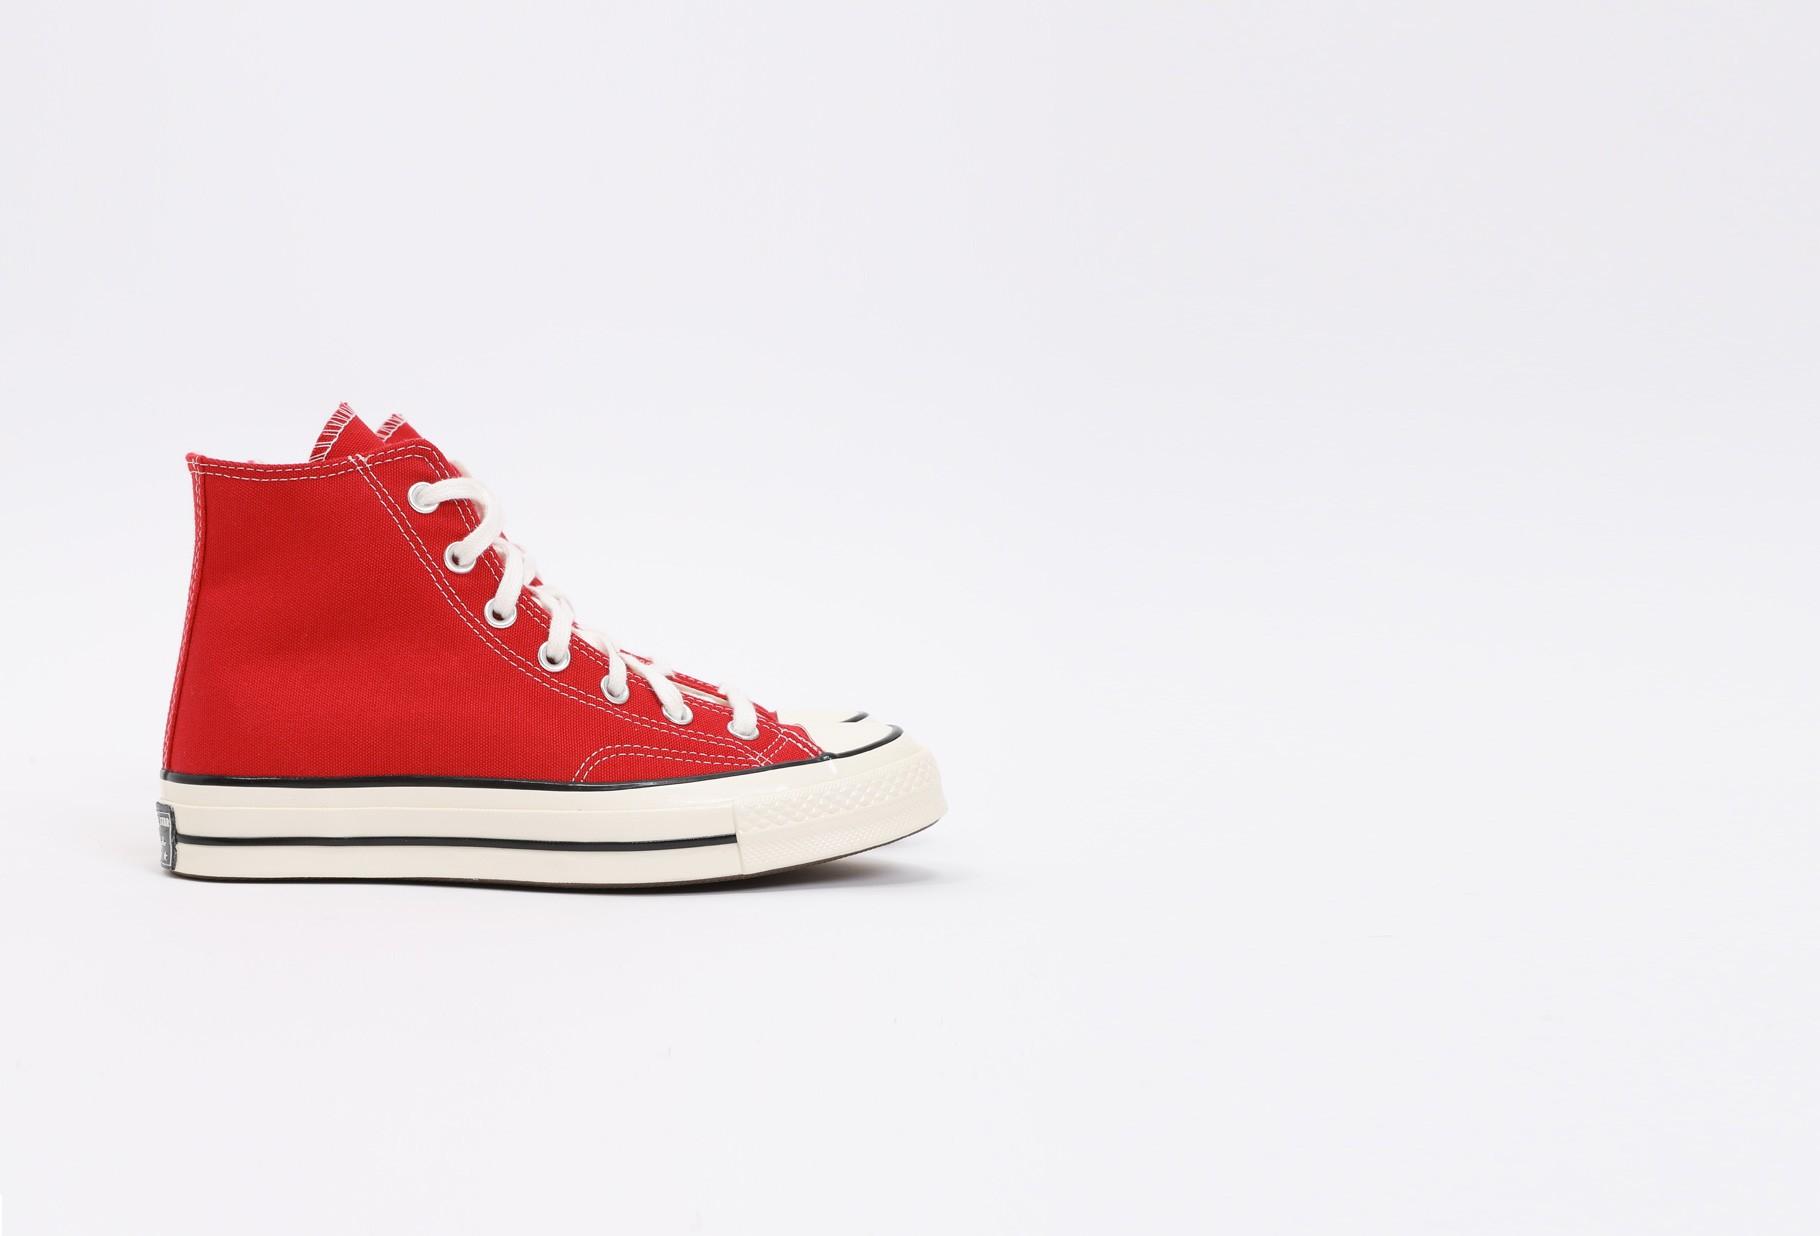 CONVERSE / Ctas 70's hi Enamel red